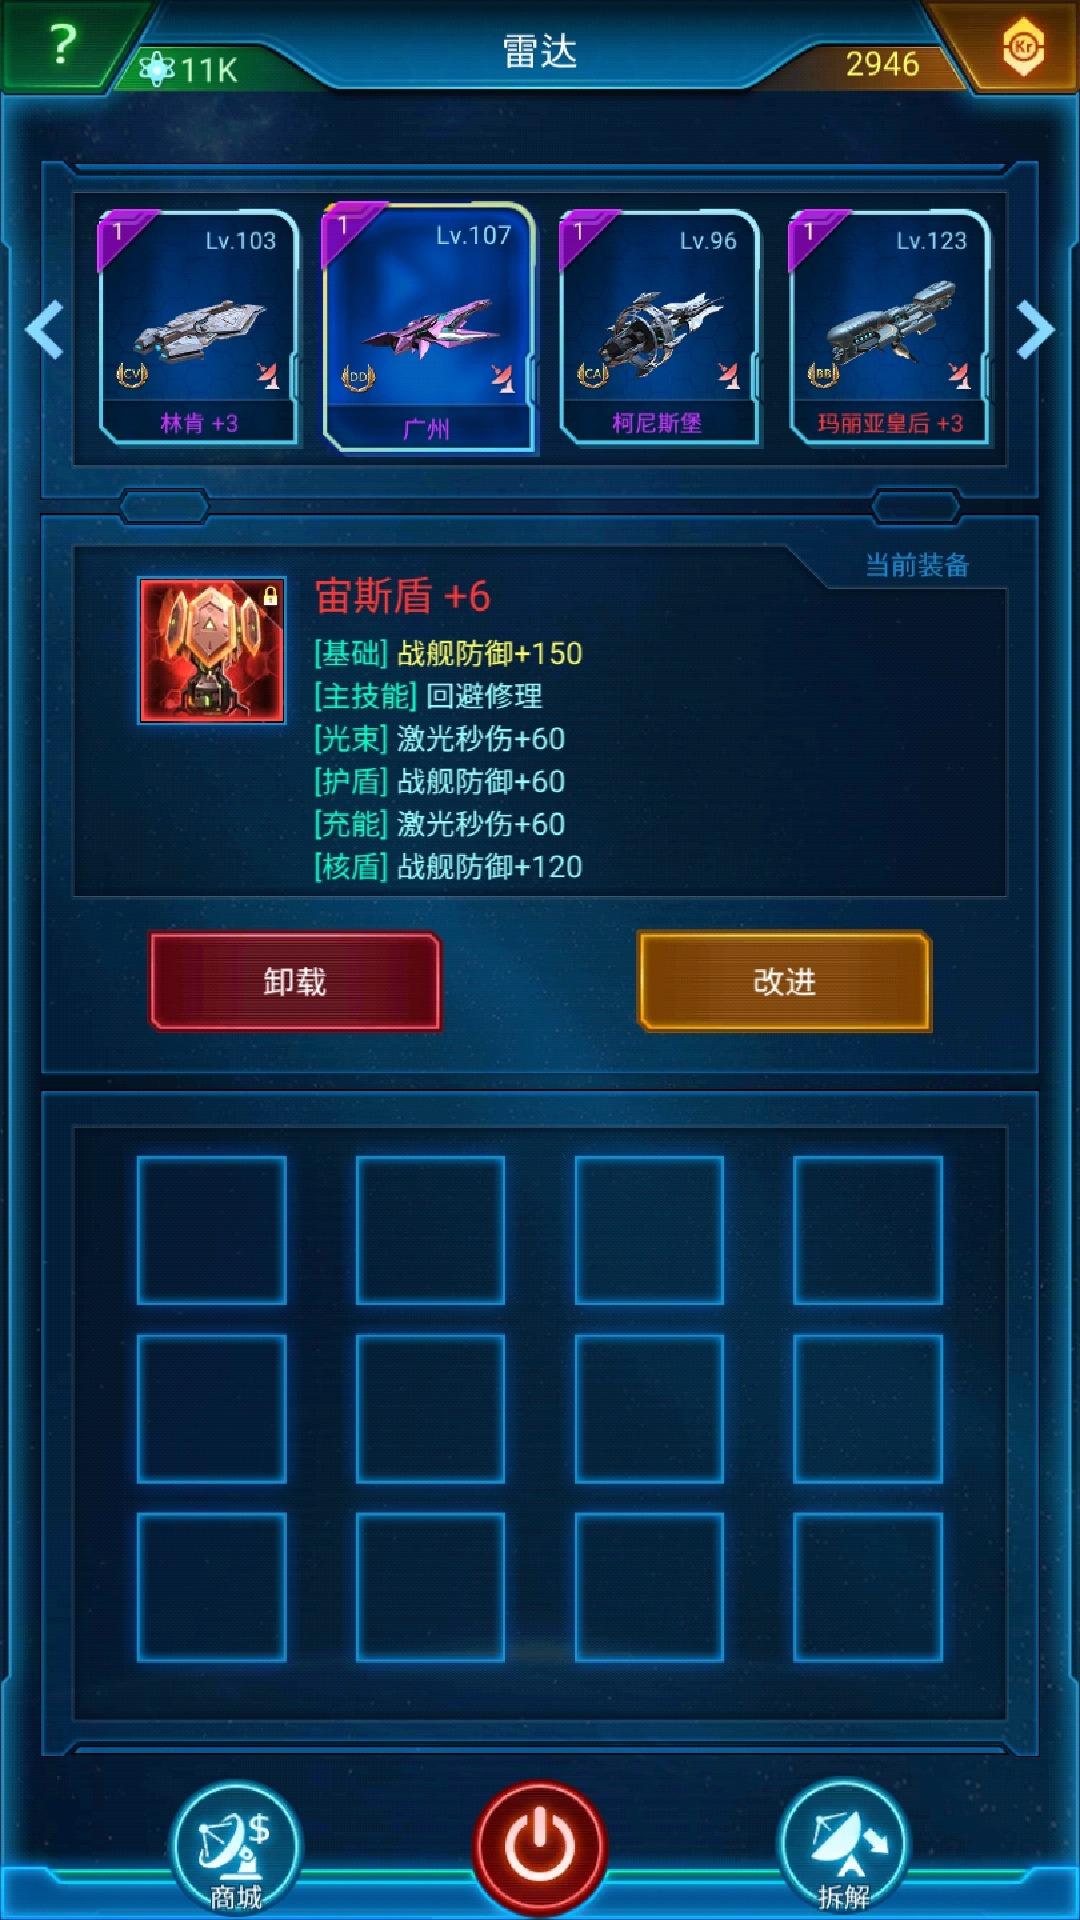 Screenshot_20190317-210319.jpg